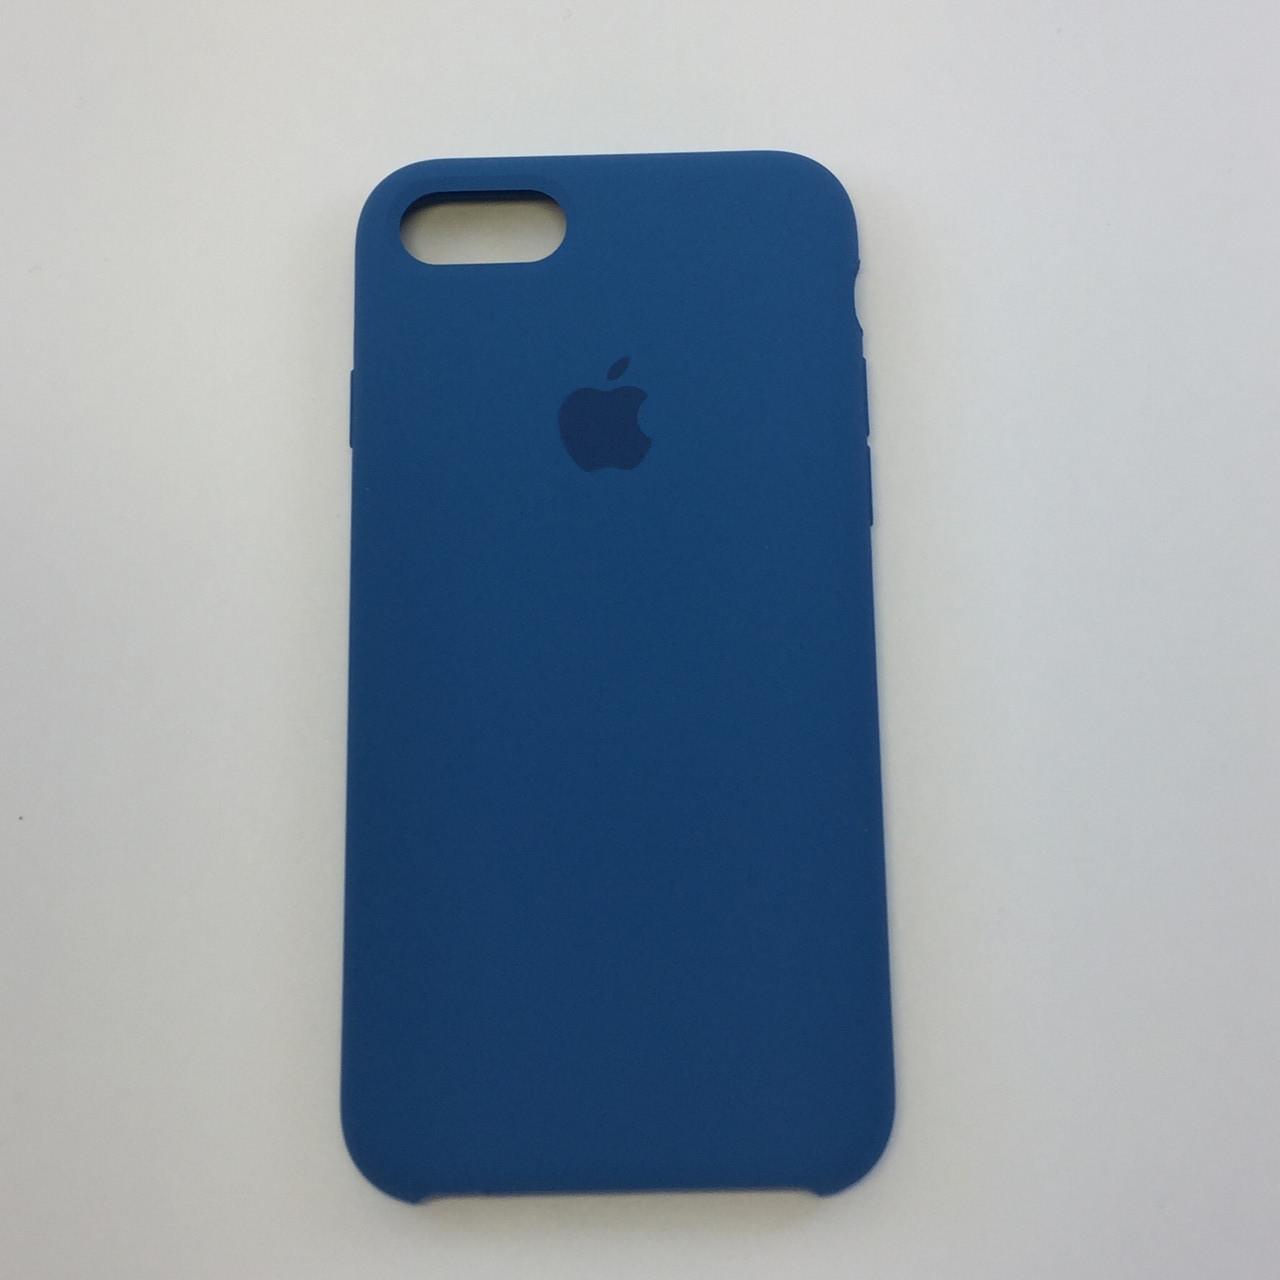 """Чехол - Silicon Case для iPhone """"Оригинальный синий - №20"""" - copy orig."""